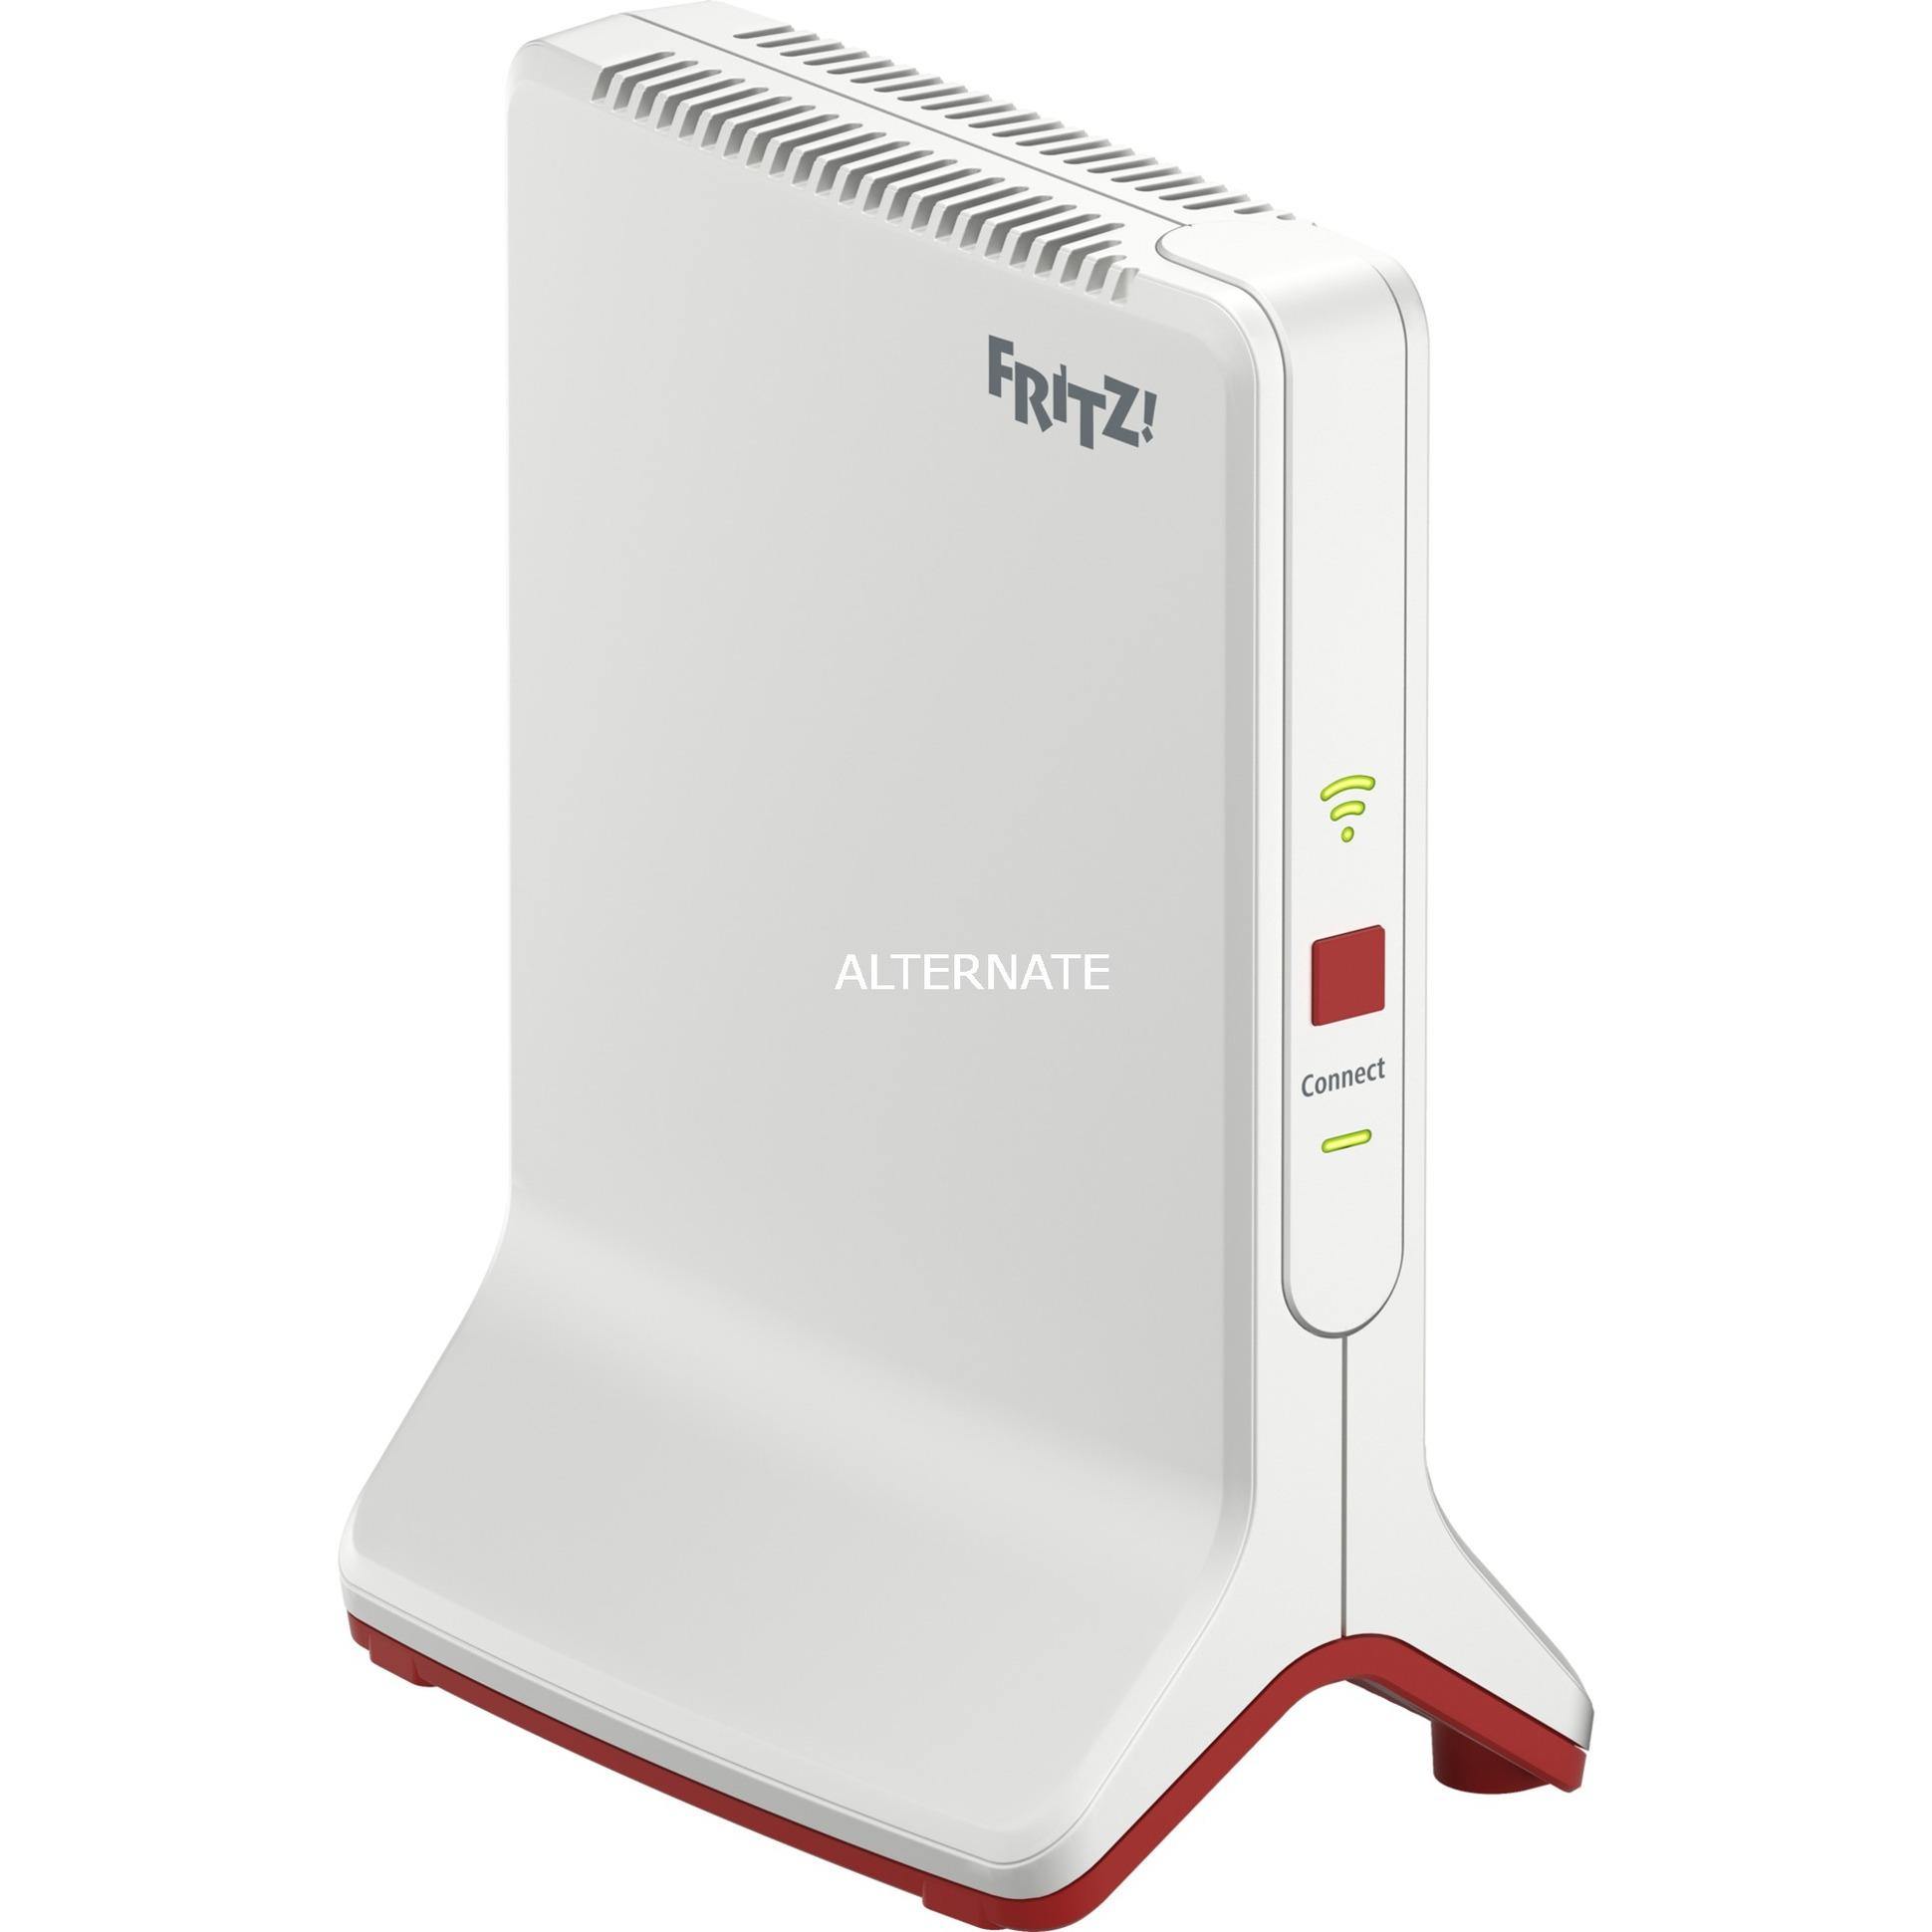 FRITZ!Repeater 3000 3000 Mbit/s Repetidor de red Blanco